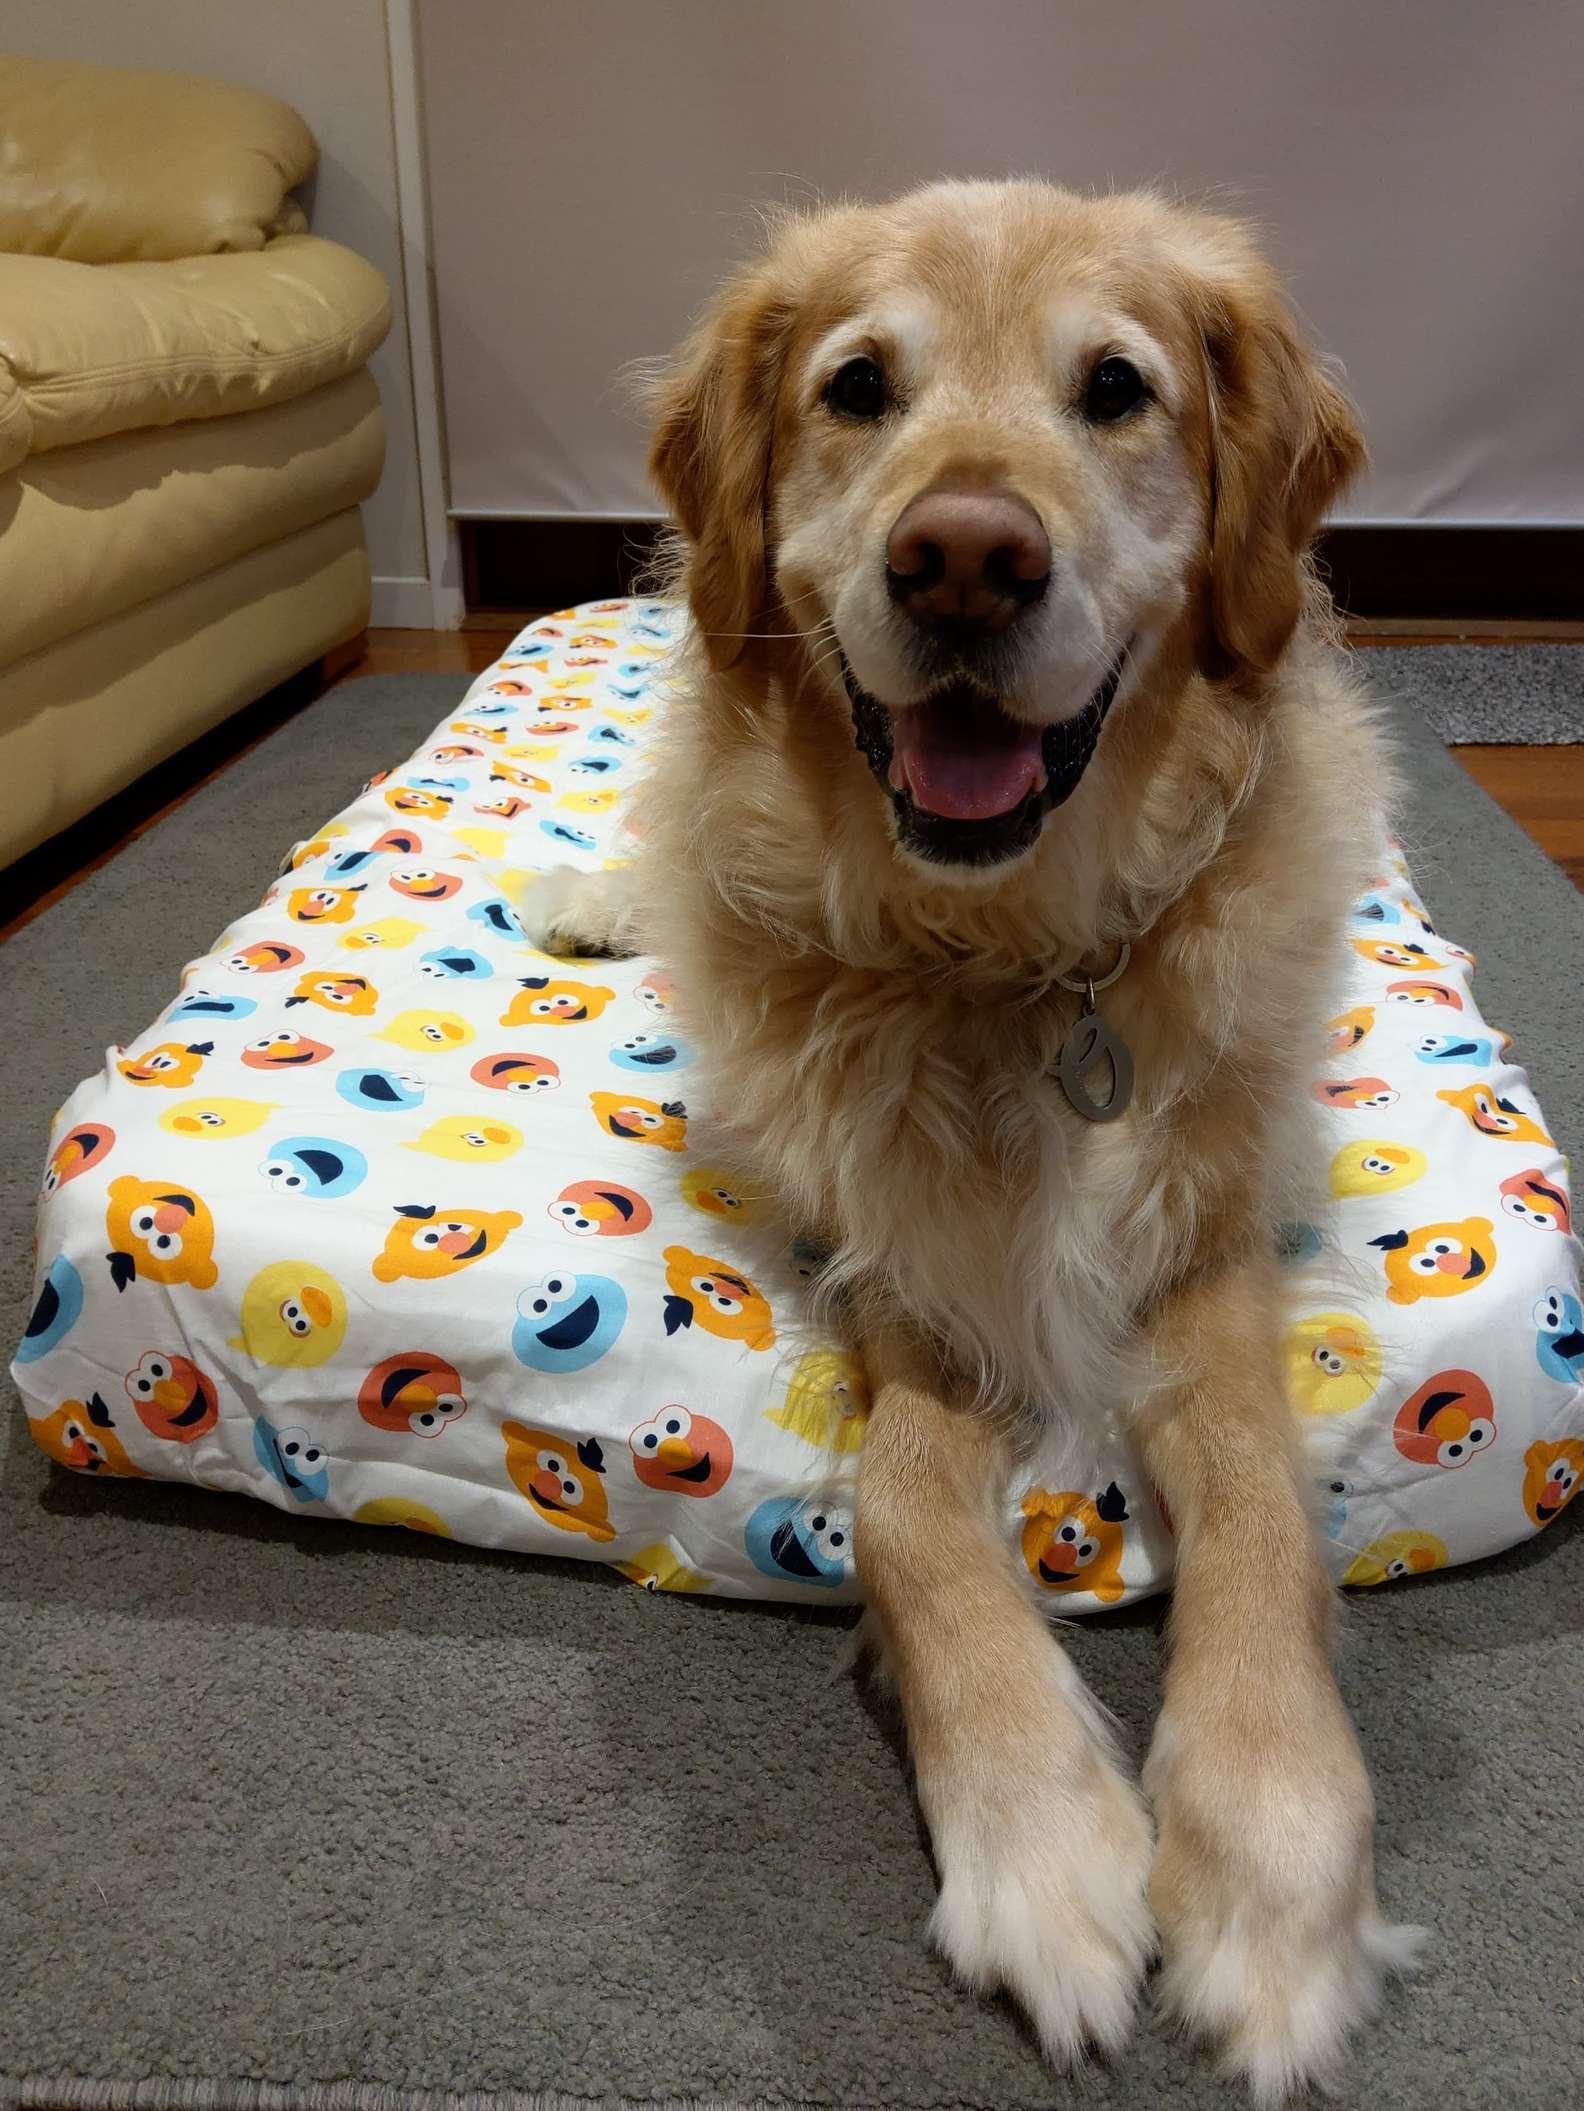 傲嬌爸不想養狗 相處後「秒被收服」抱抱睡比親生的還疼!